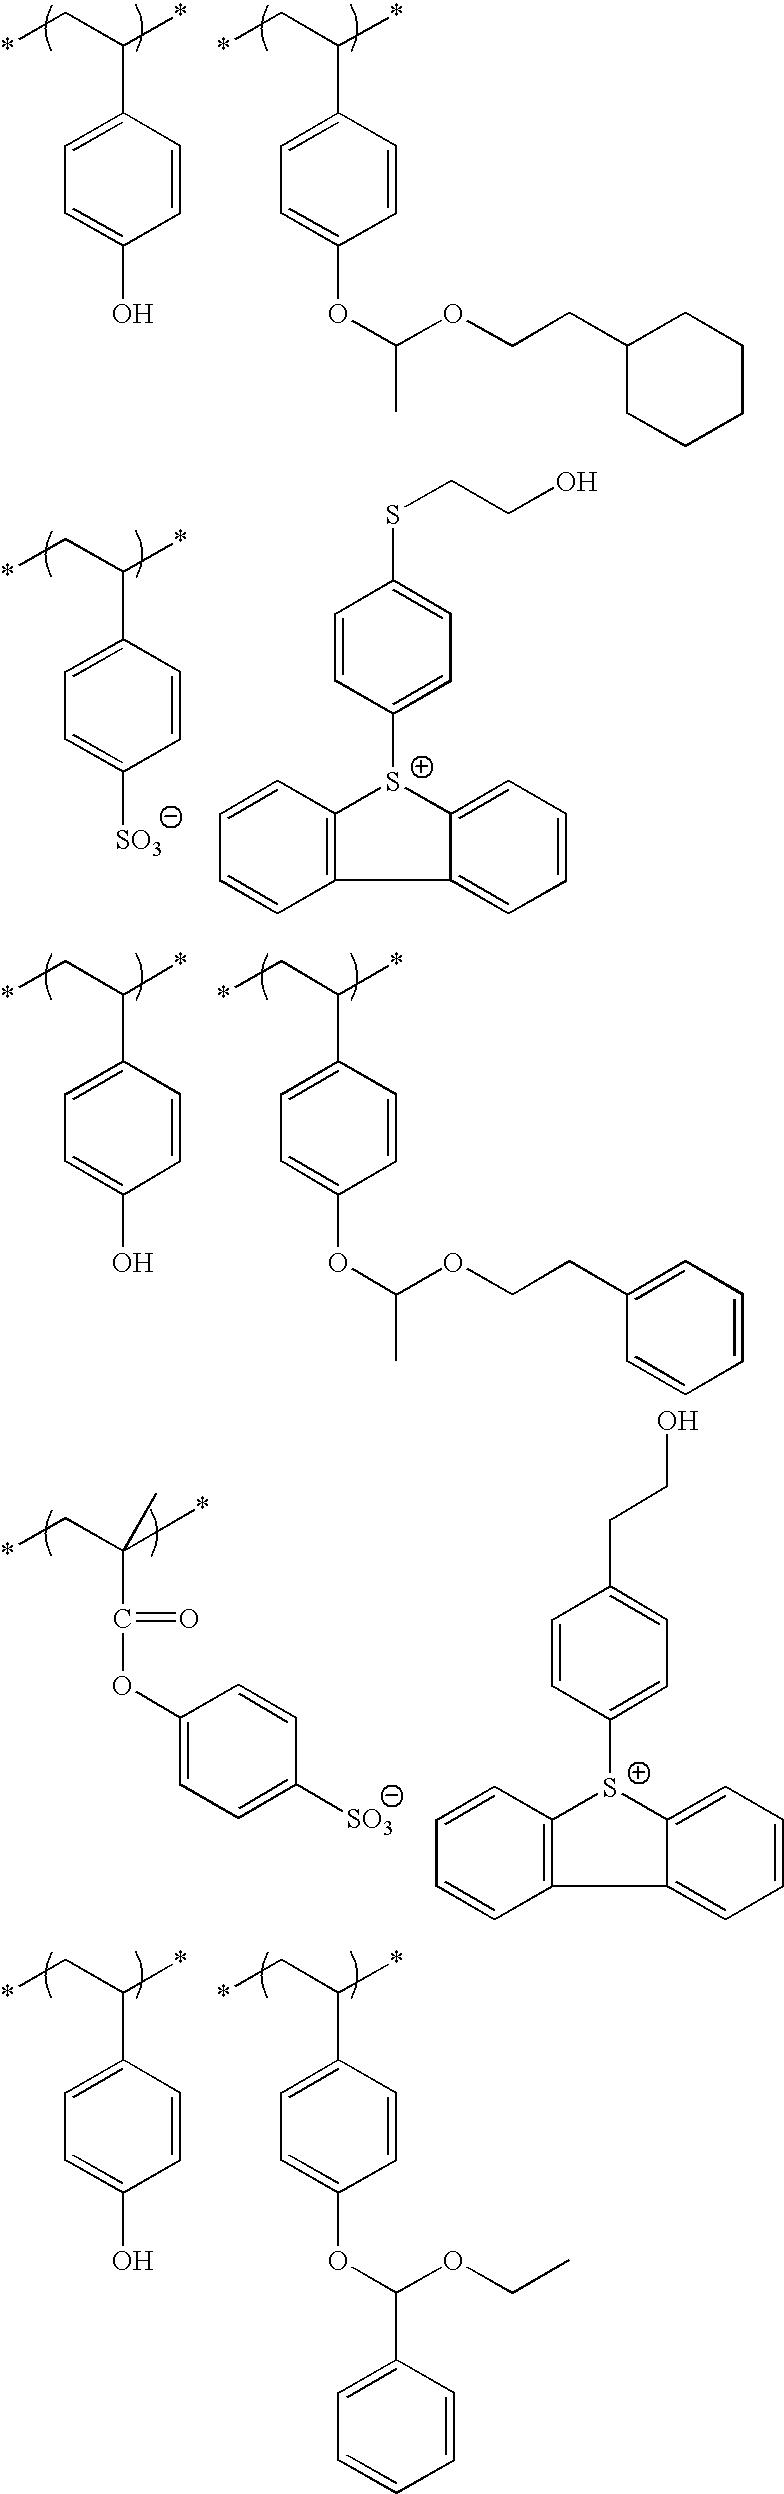 Figure US20100183975A1-20100722-C00154